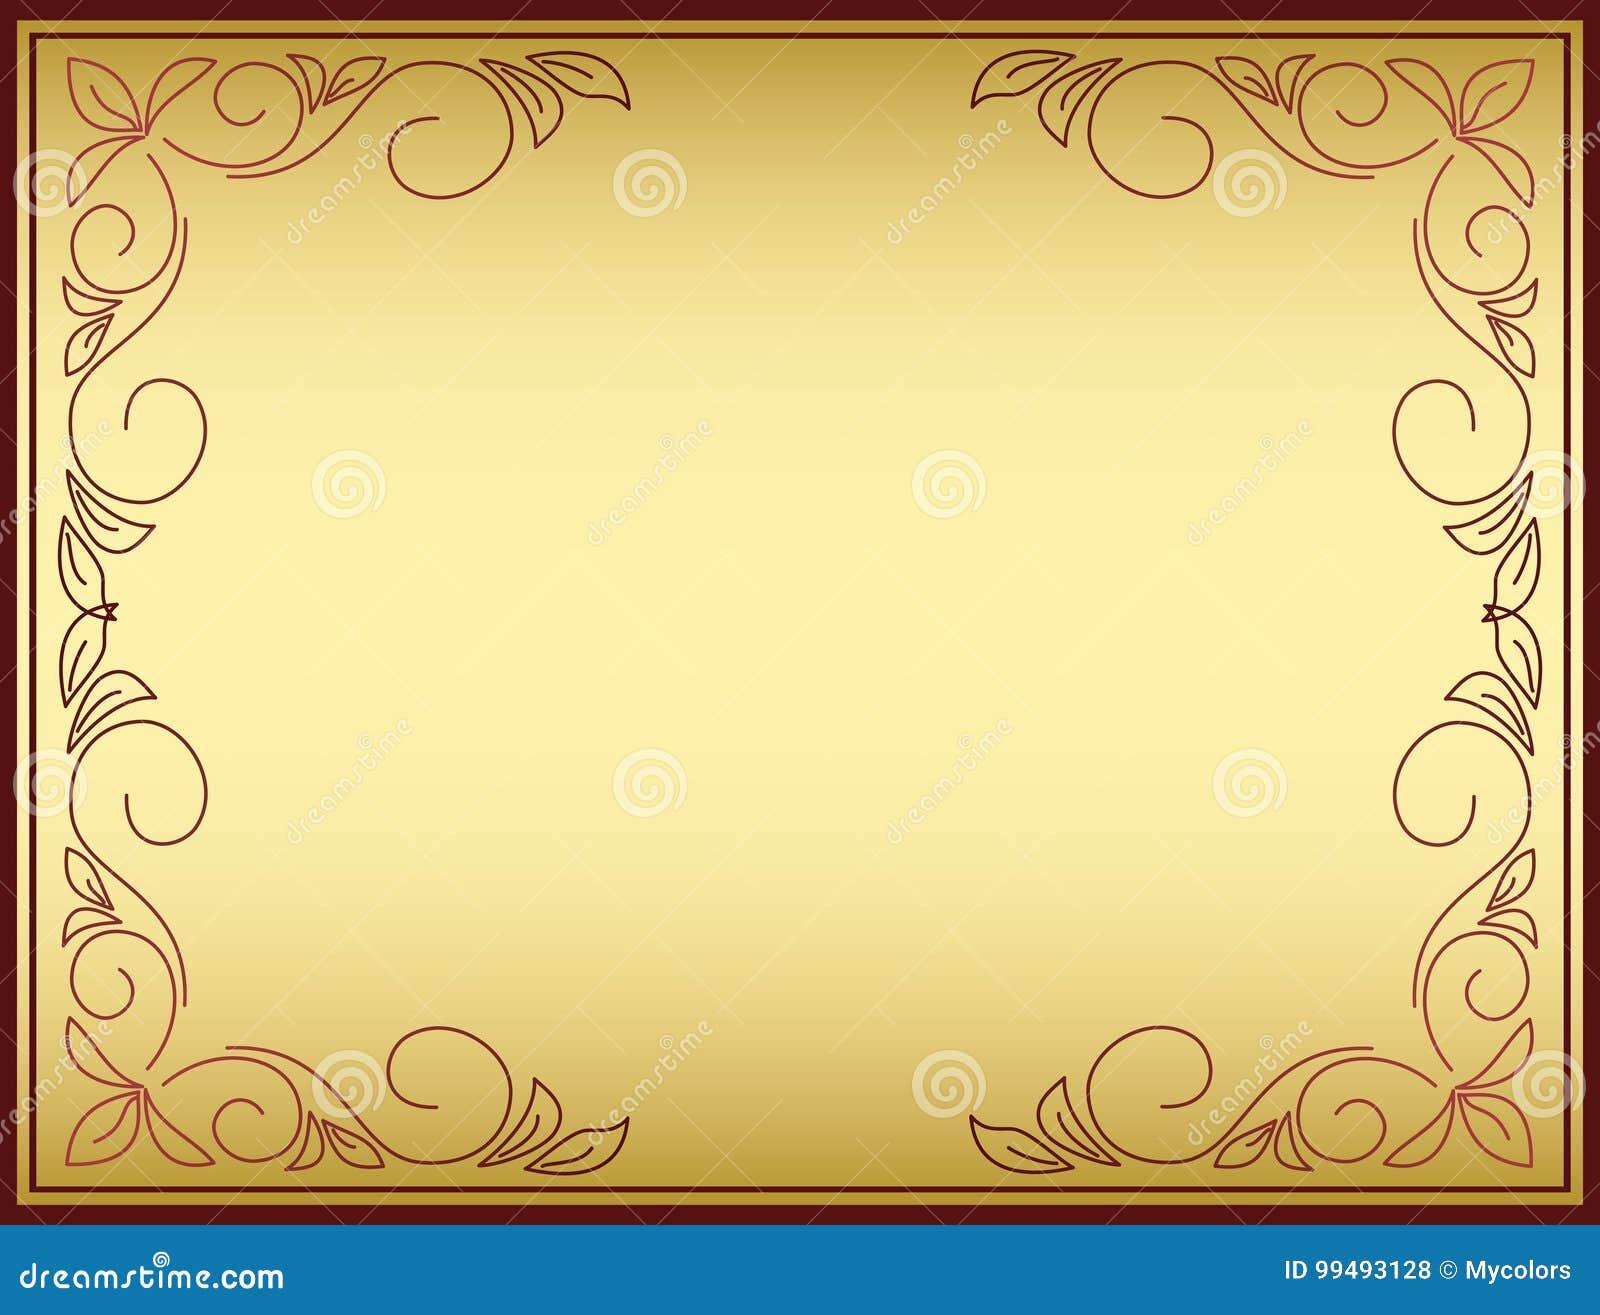 Ljus vektorram med guld- lutning